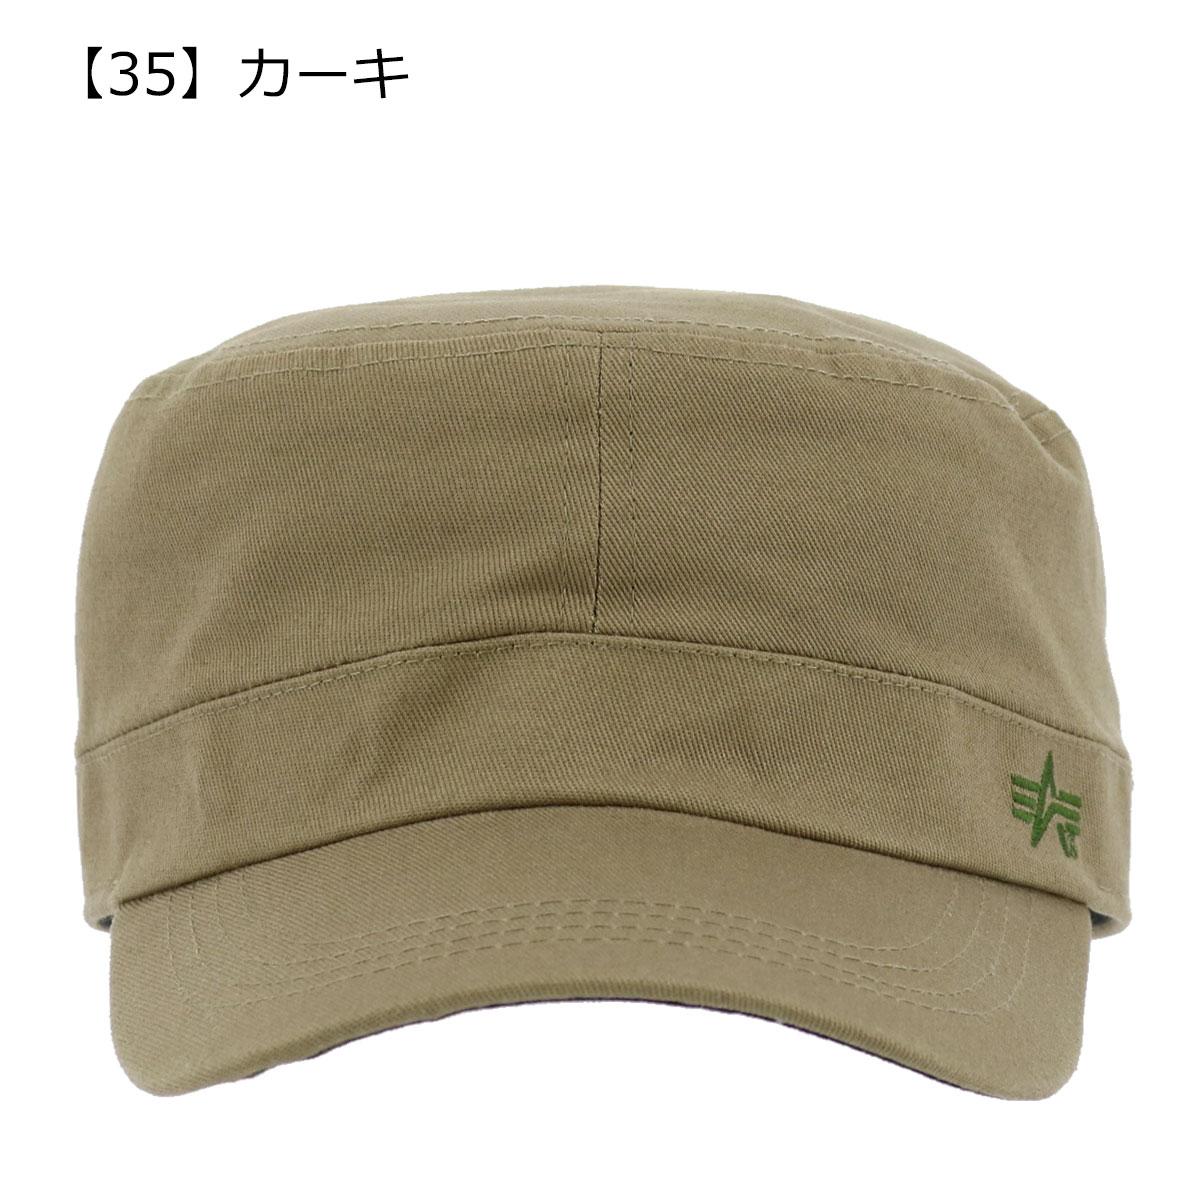 【35】カーキ